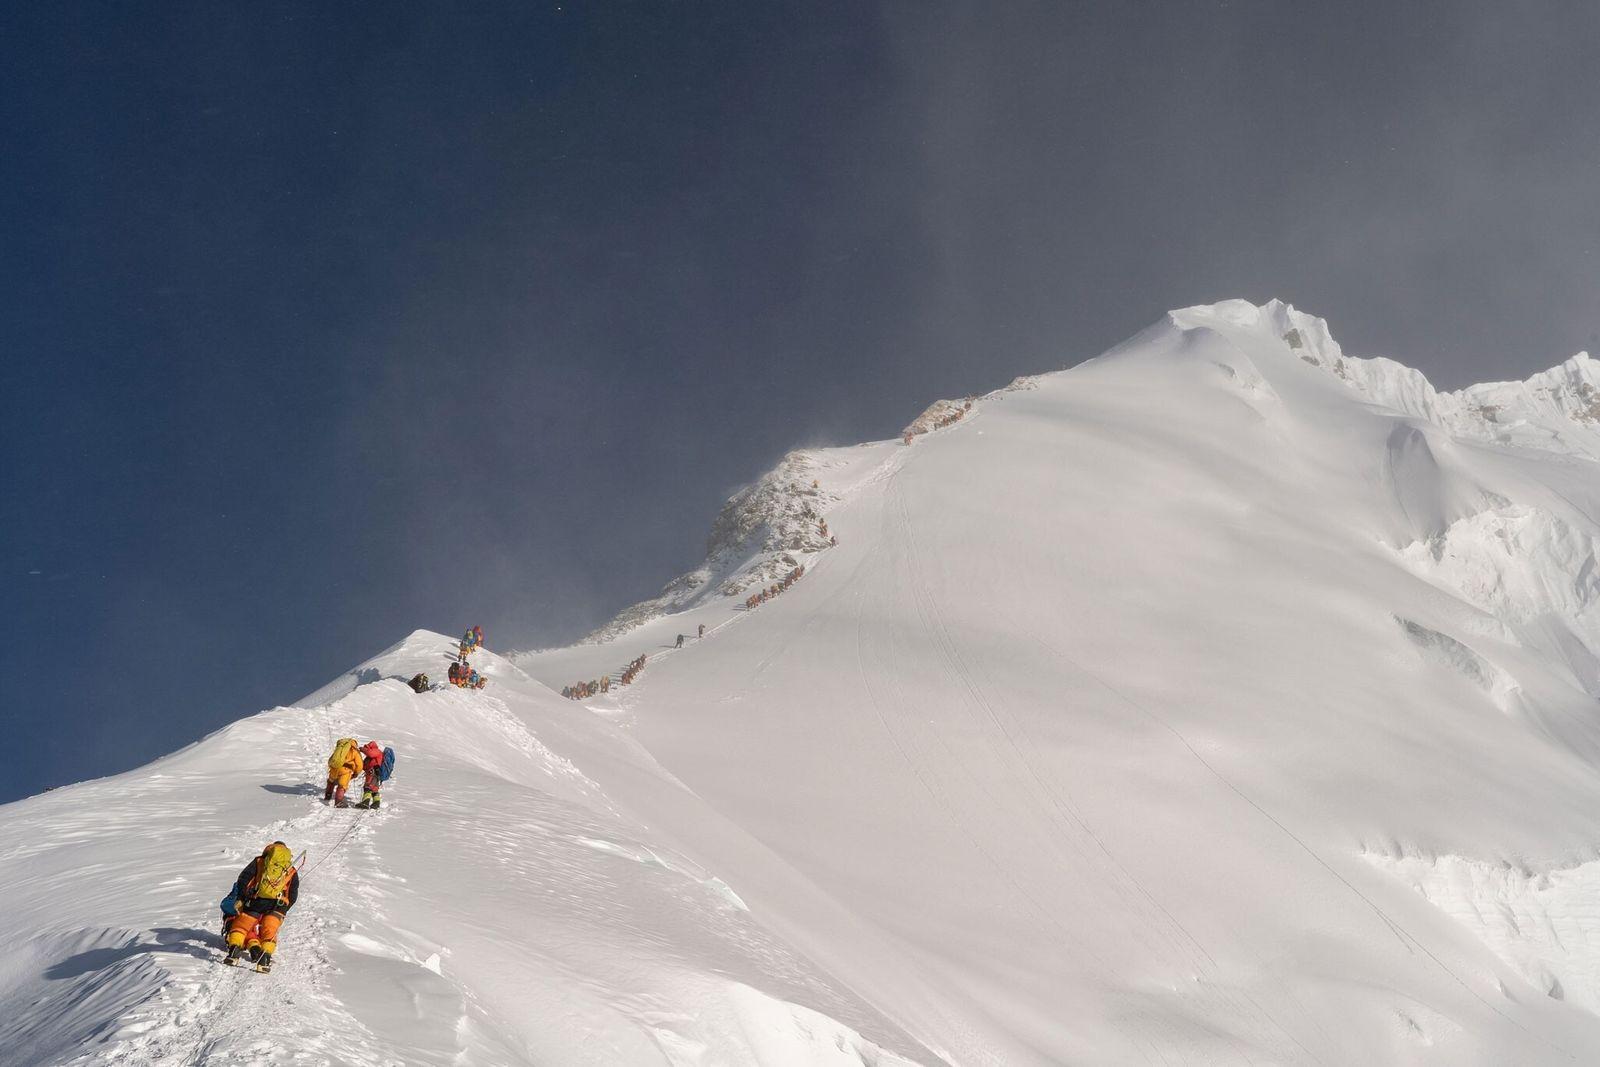 Encuentran microplásticos cerca de la cima del Everest